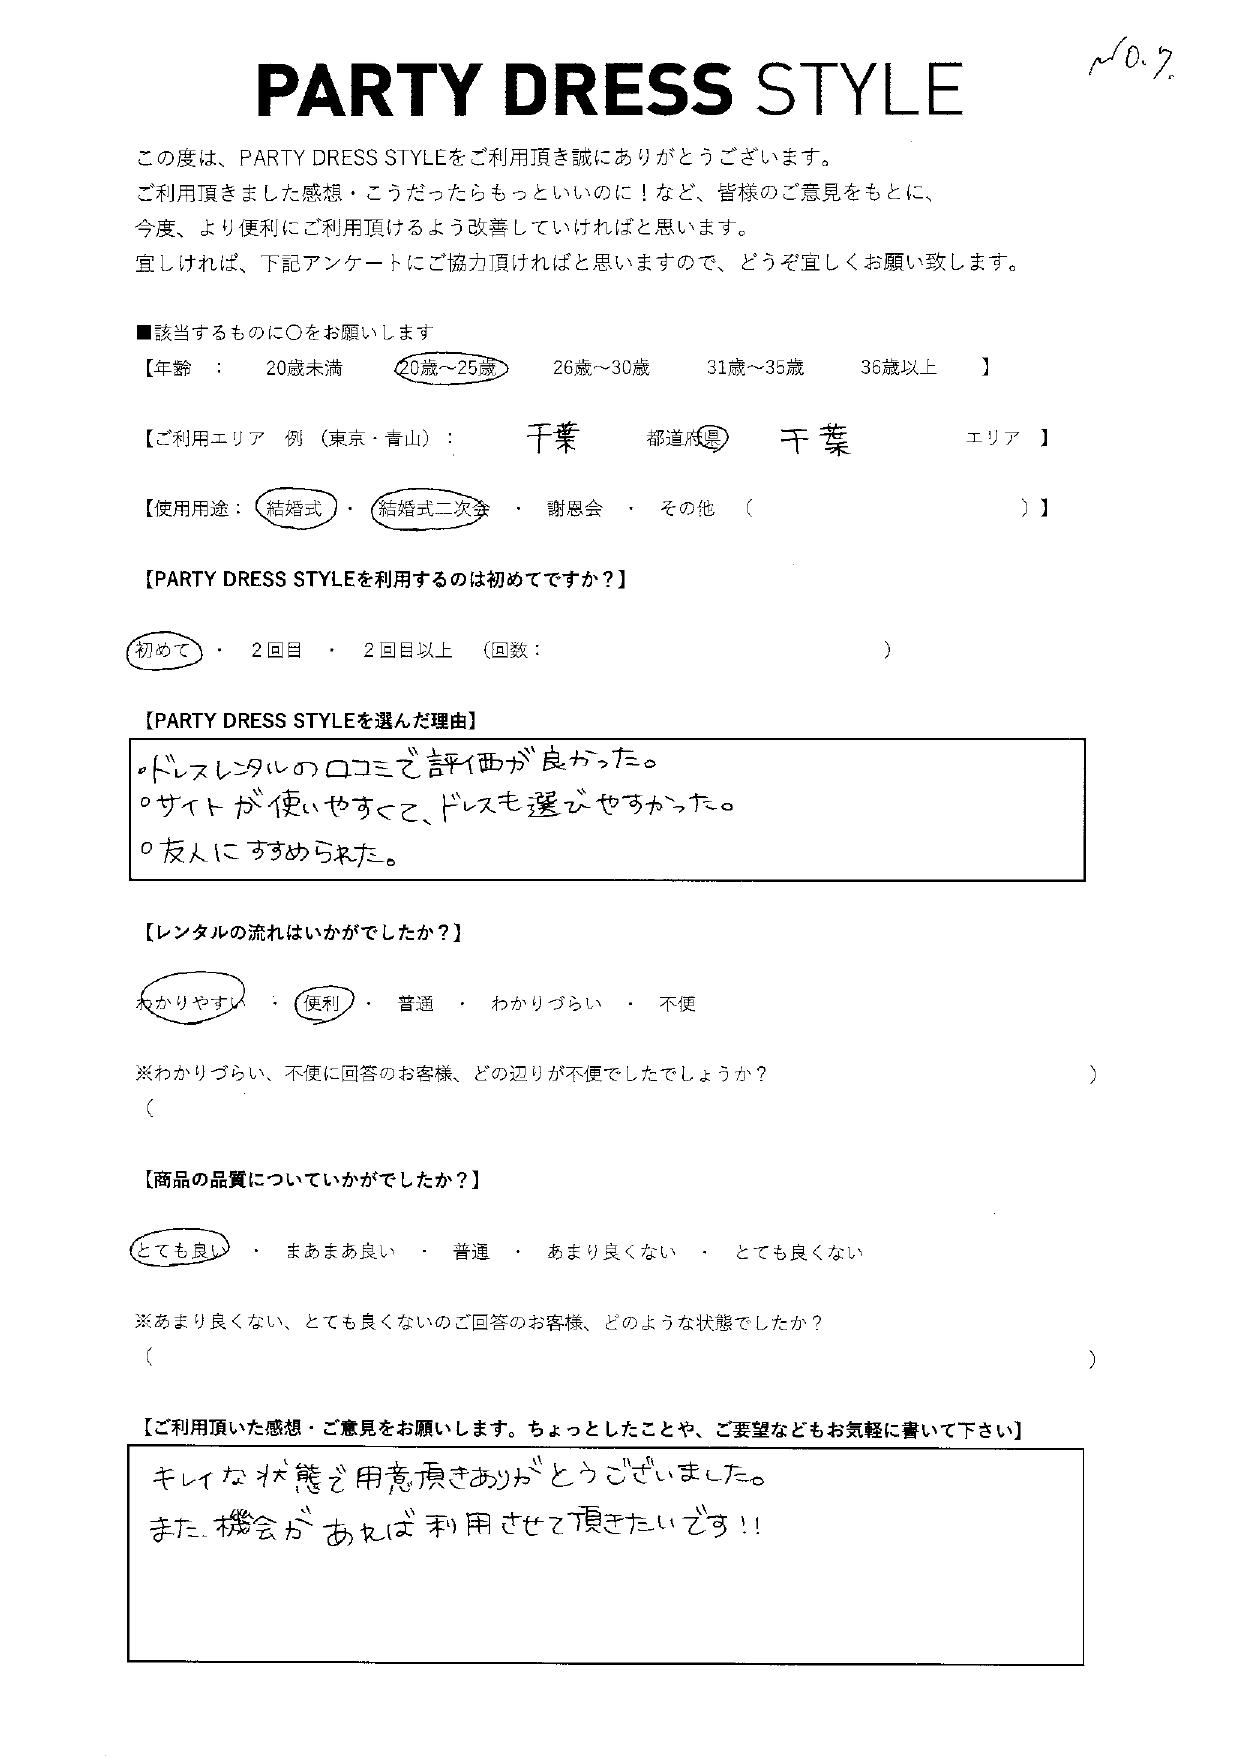 4/4結婚式・結婚式二次会ご利用 千葉県・千葉エリア